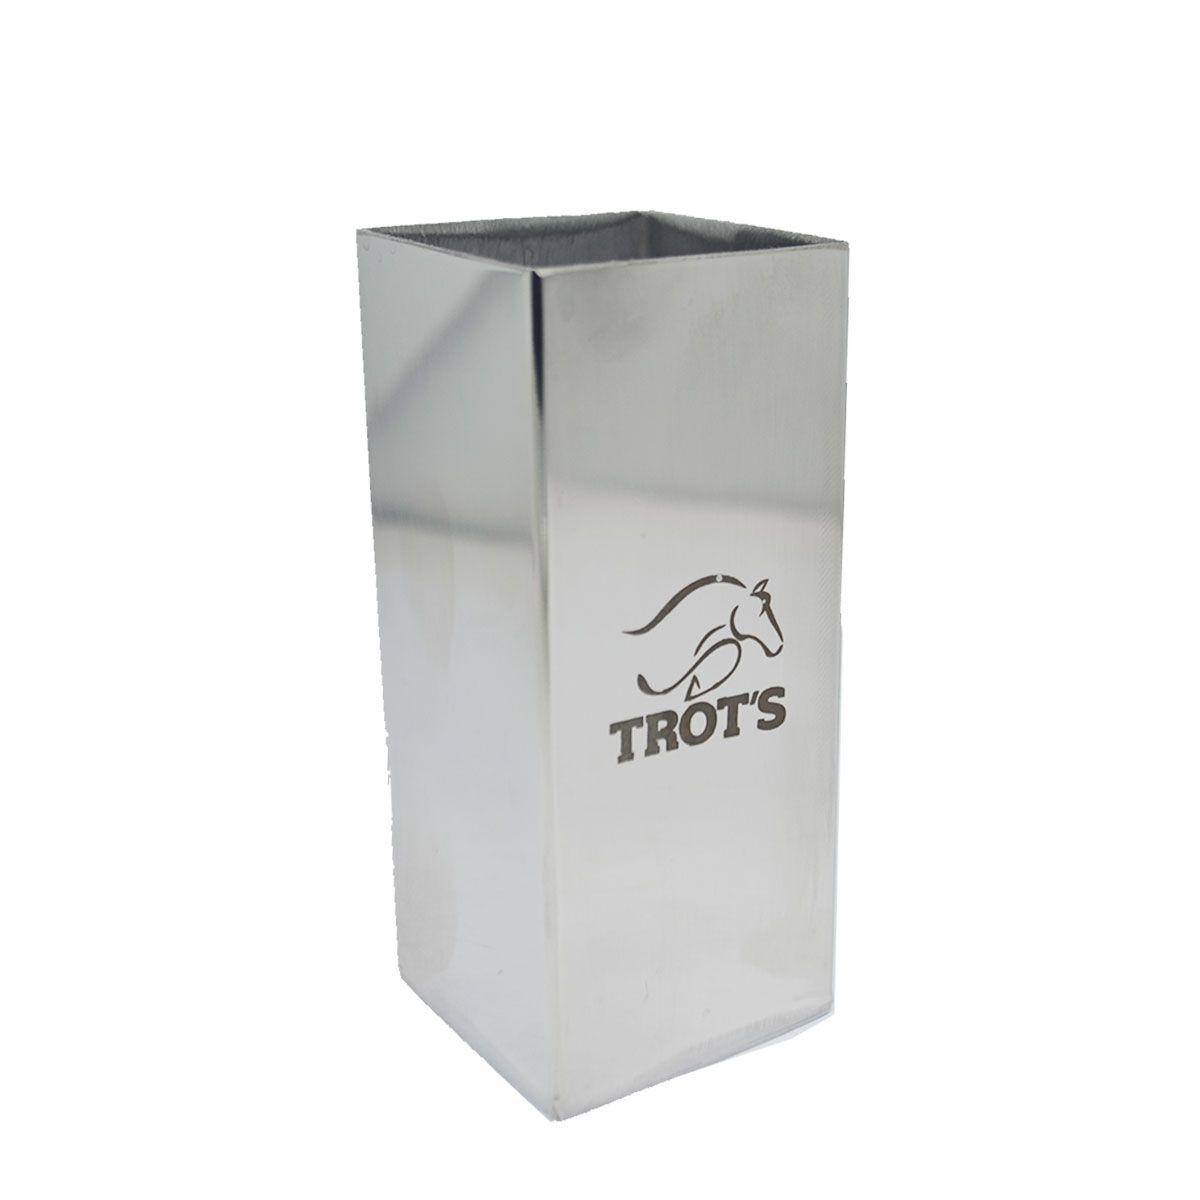 Cuia Trot's Quadrada Para Tereré 250ml